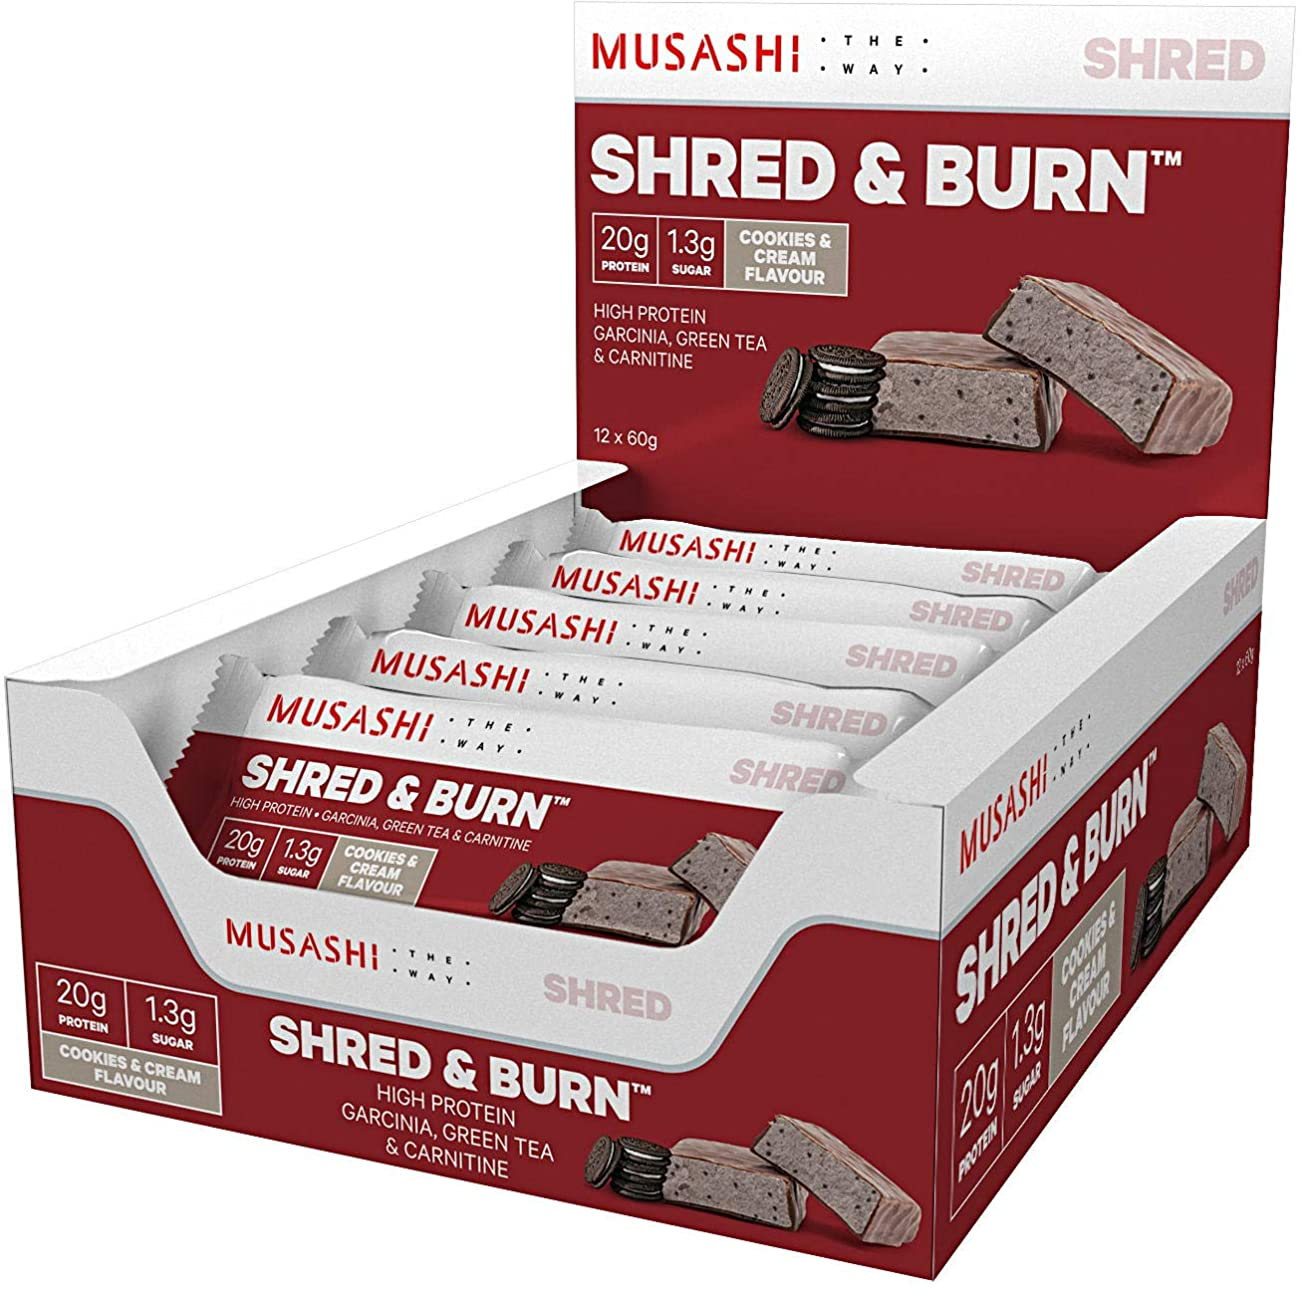 変更ダイヤルおいしいMUSASHI(ムサシ)Shred & Burn 燃焼 プロテインバー 60g x12本(クッキー&クリーム味)[海外直送品]